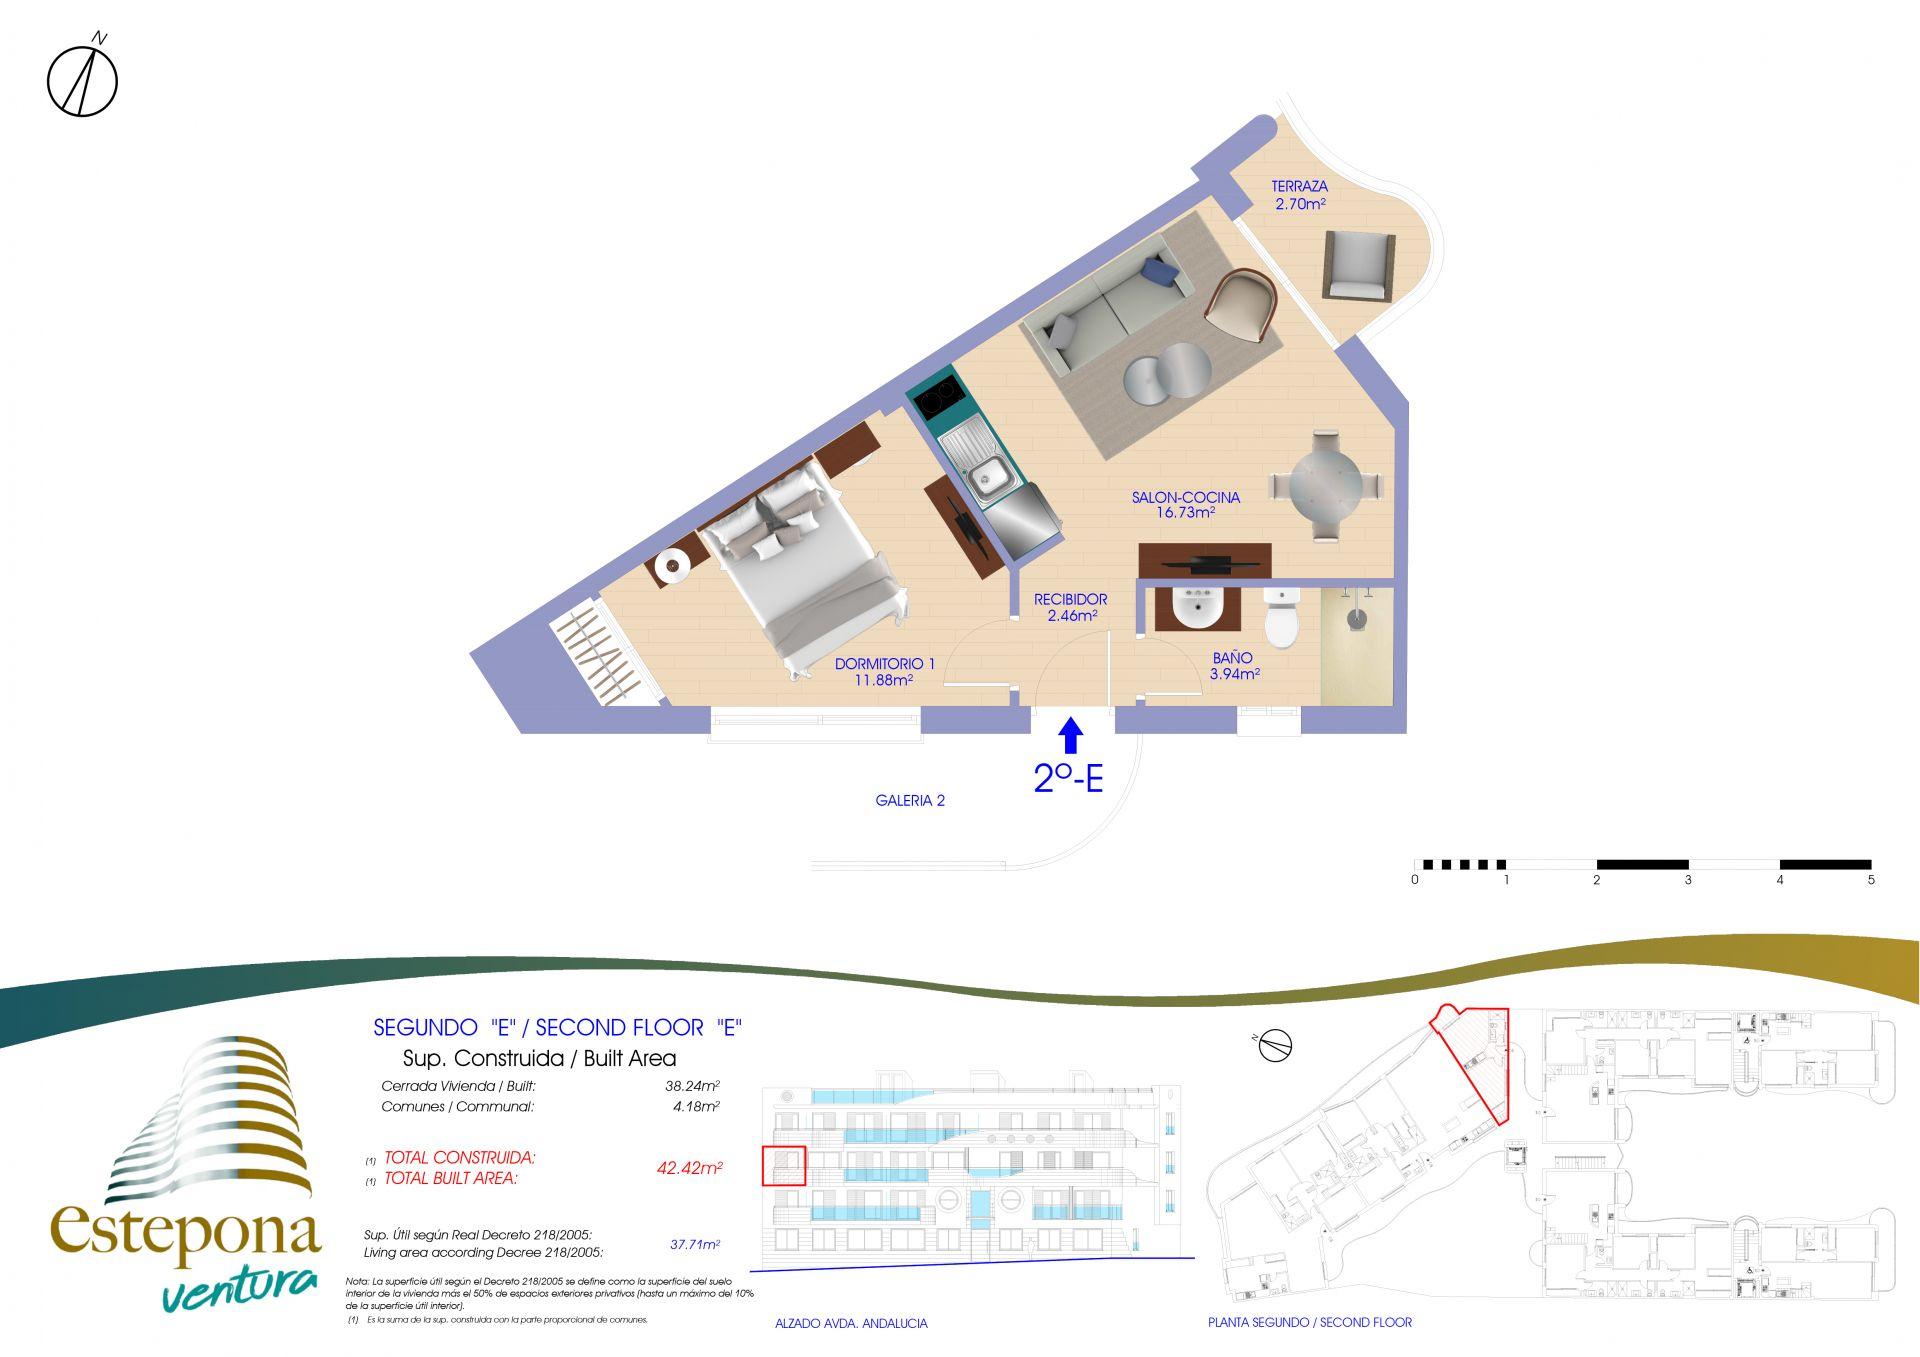 20201221 2º E  - Ventura Estepona | Compra de casa en Estepona